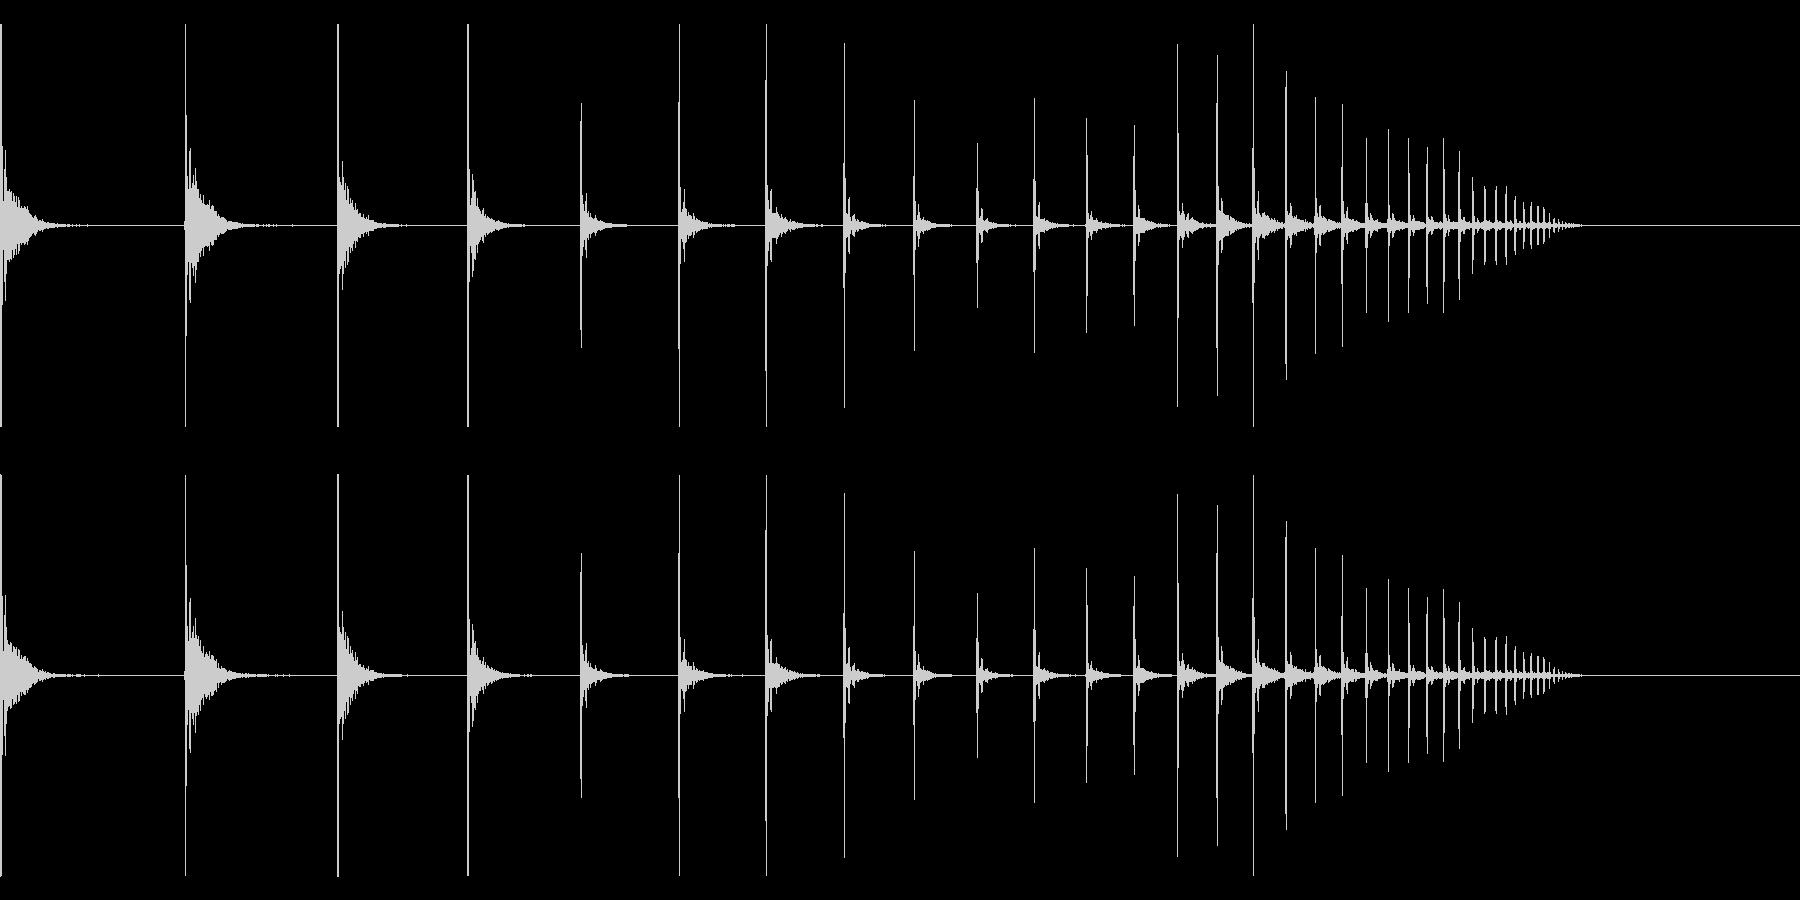 【生録音】卓球の球が跳ねる音 6 転がるの未再生の波形